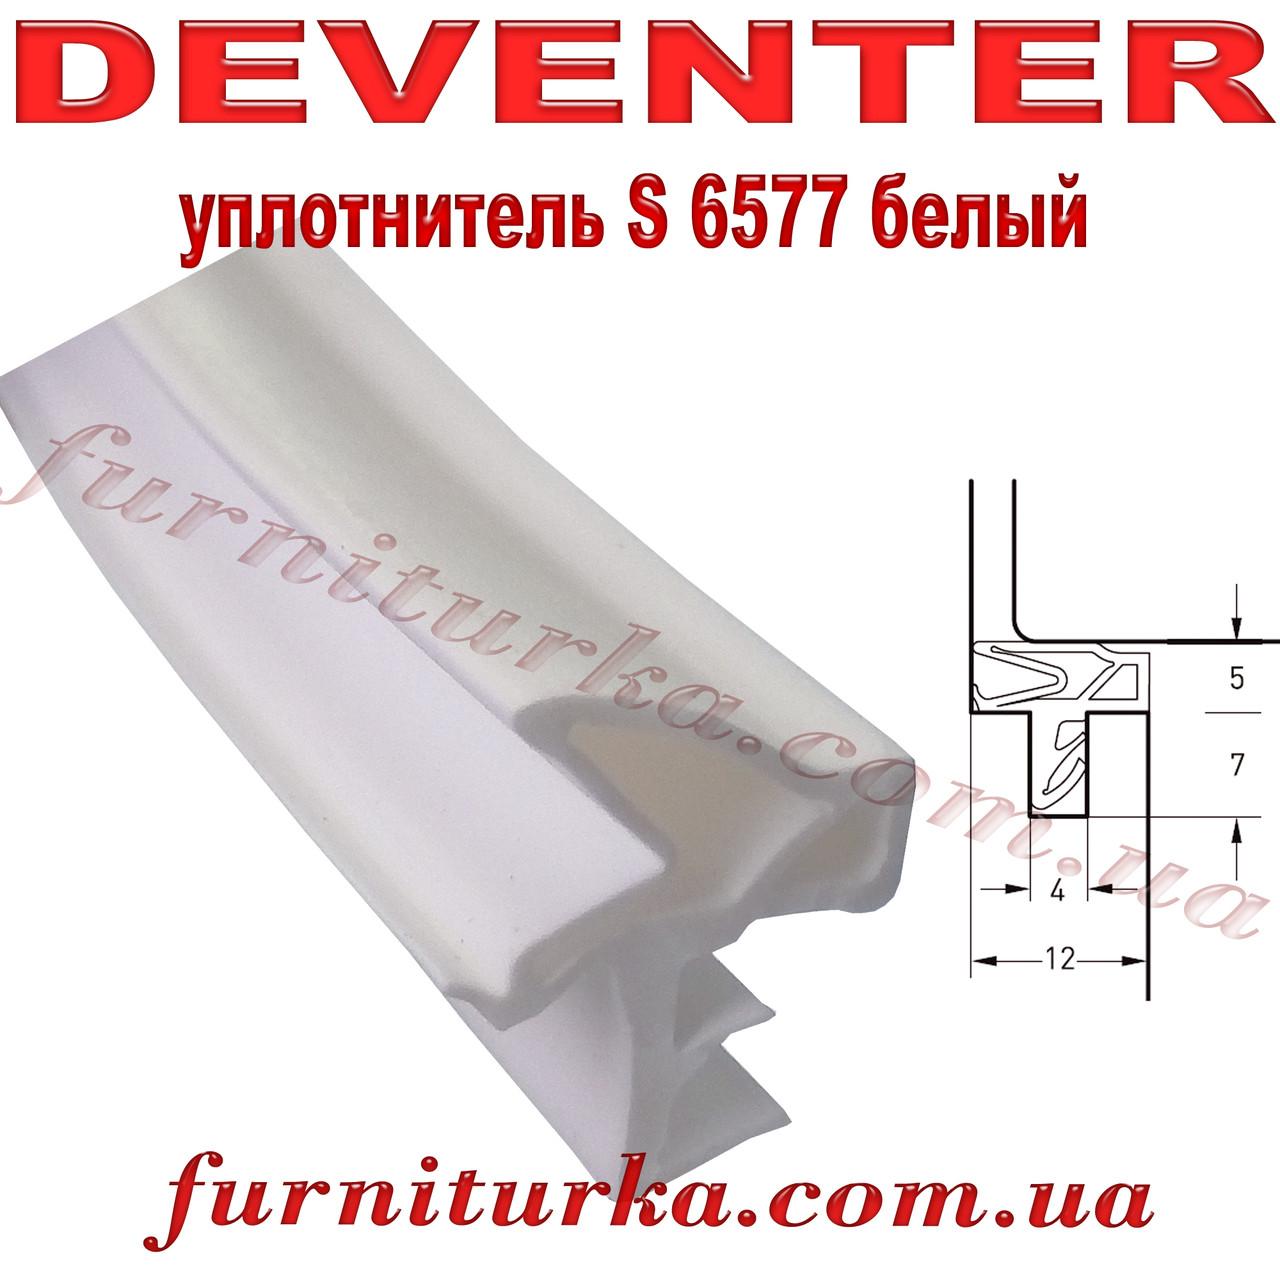 Уплотнитель дверной Deventer S 6577 белый